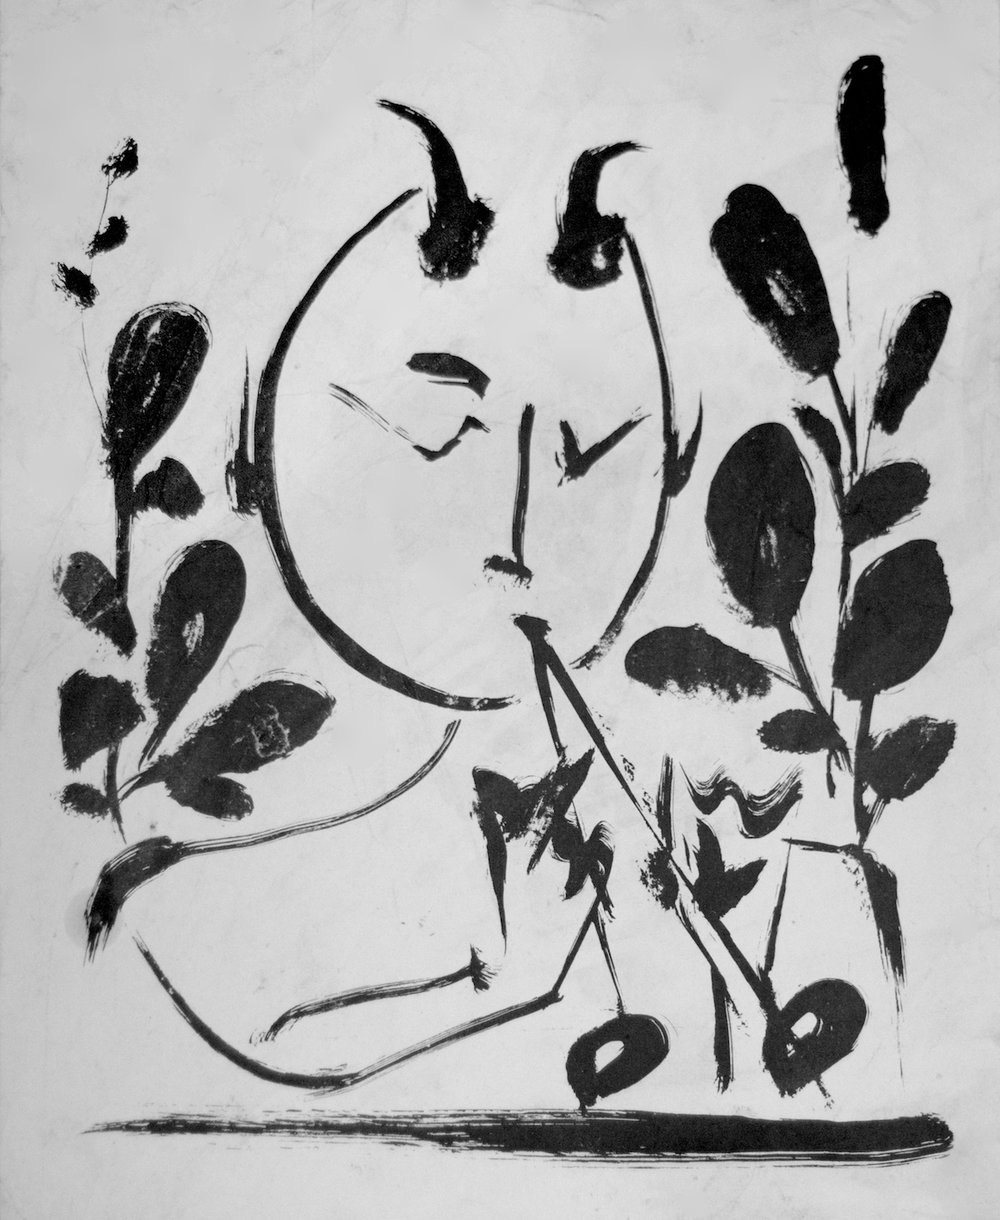 Pablo Picasso / Faun / Lithograph on paper (Litografia su carta) / 1948